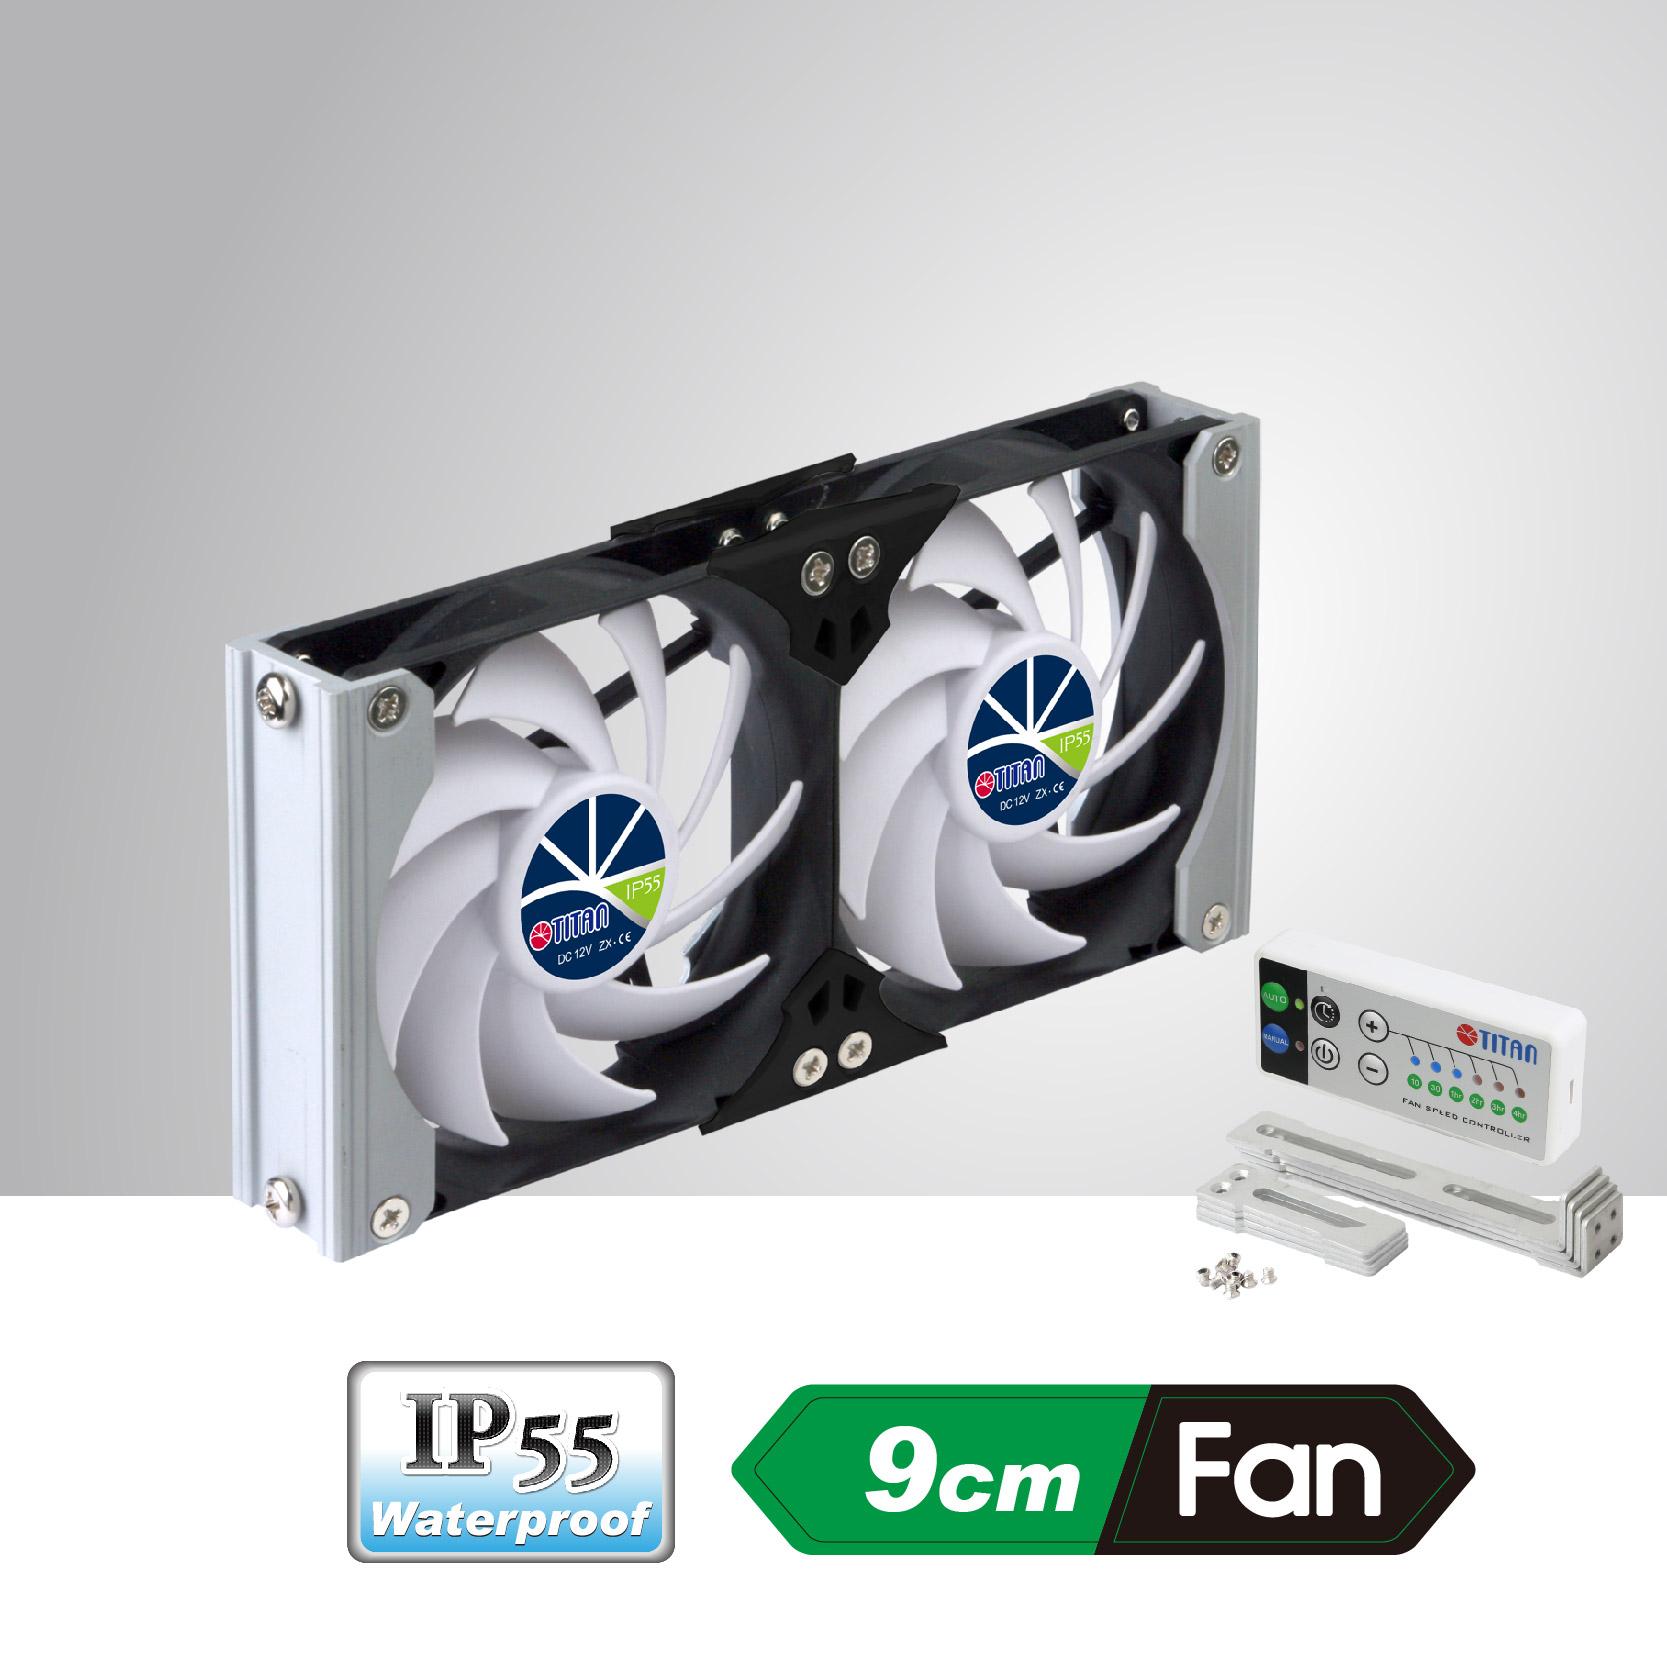 B Titan 120mm Waterproof Double Rack Mount Ventilation Cooling Fan TTC-SC20